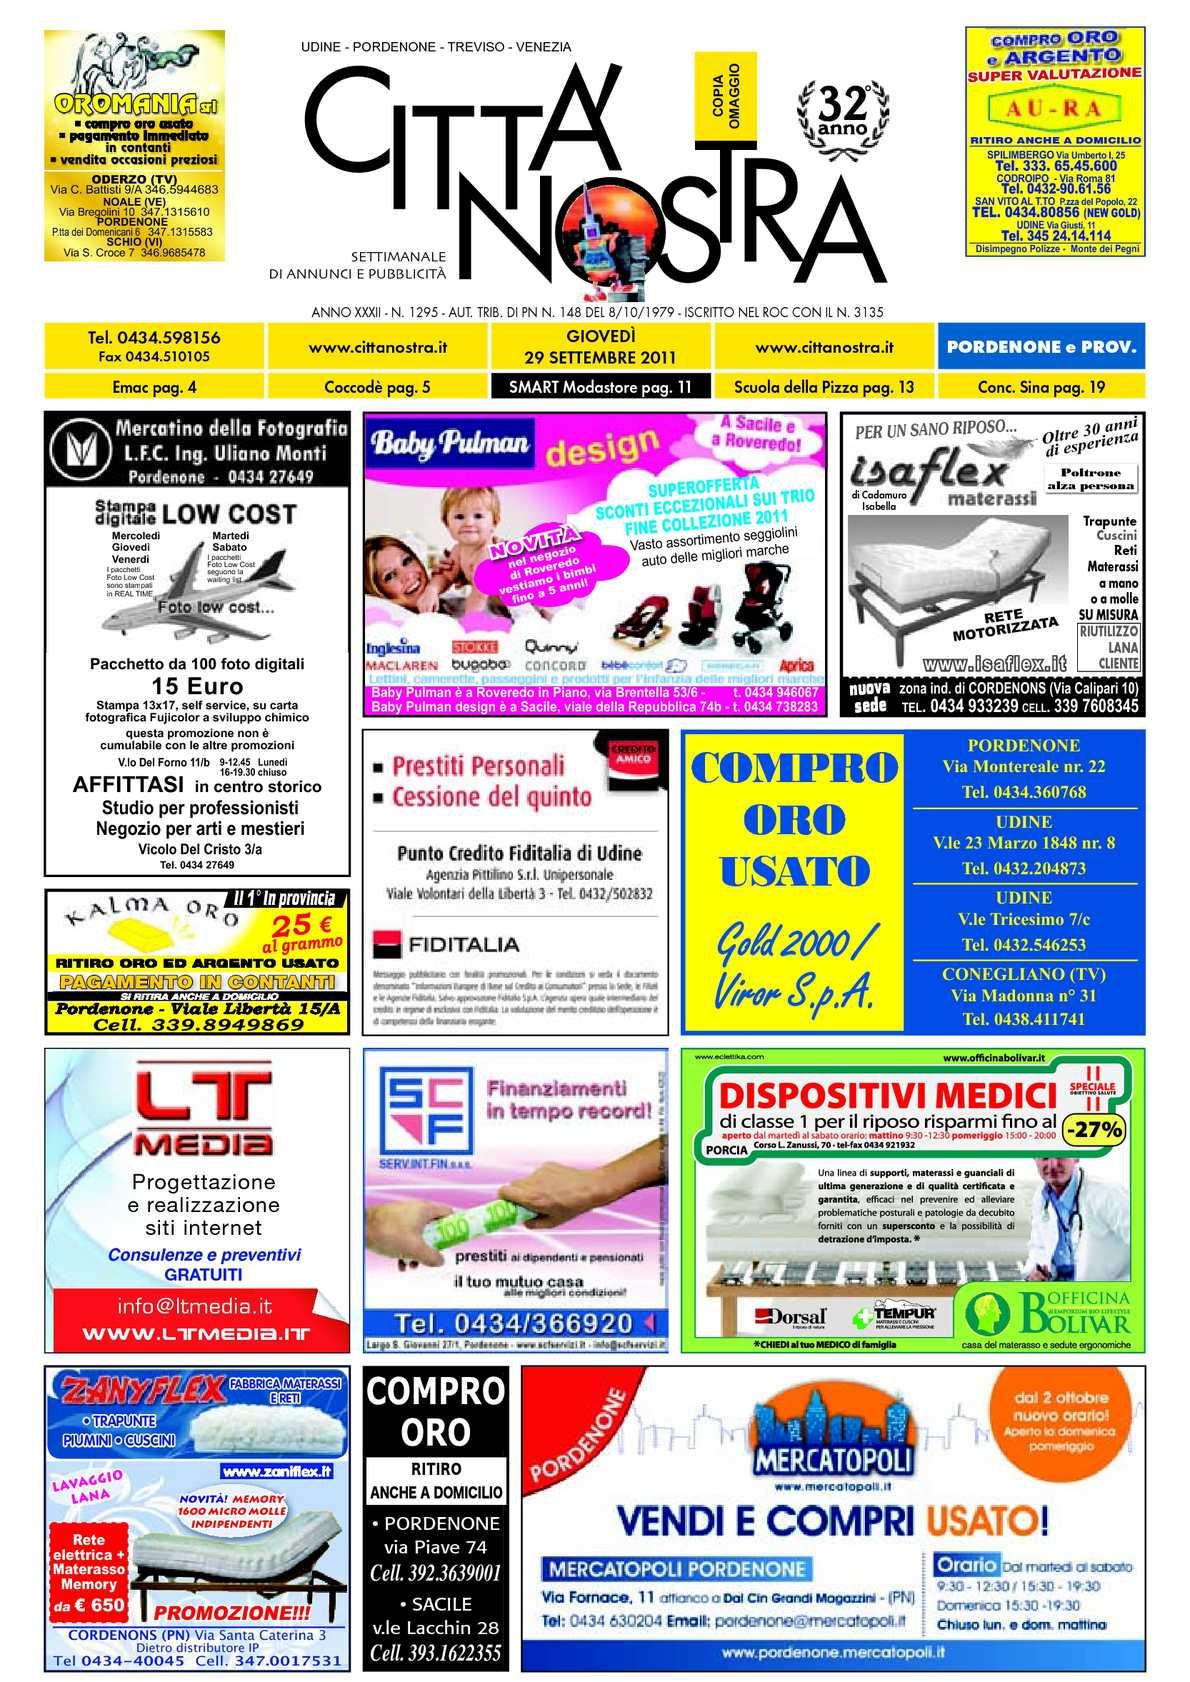 Calaméo Citt Nostra Pordenone Del 29 09 2011 N 1295